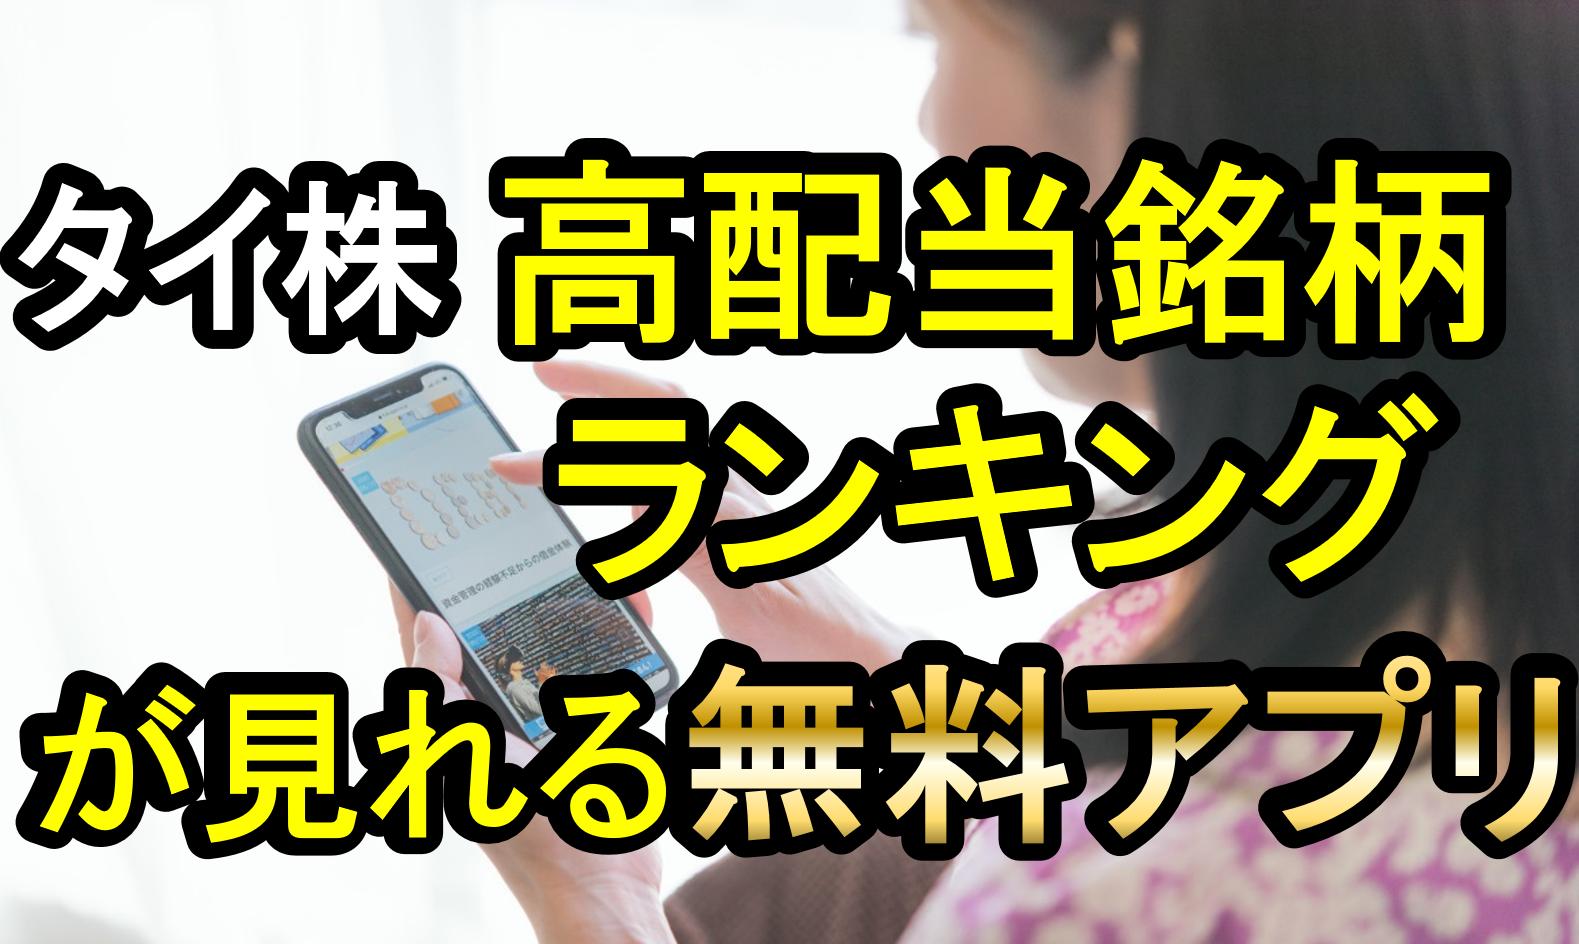 タイ株高配当が見れる無料アプリ